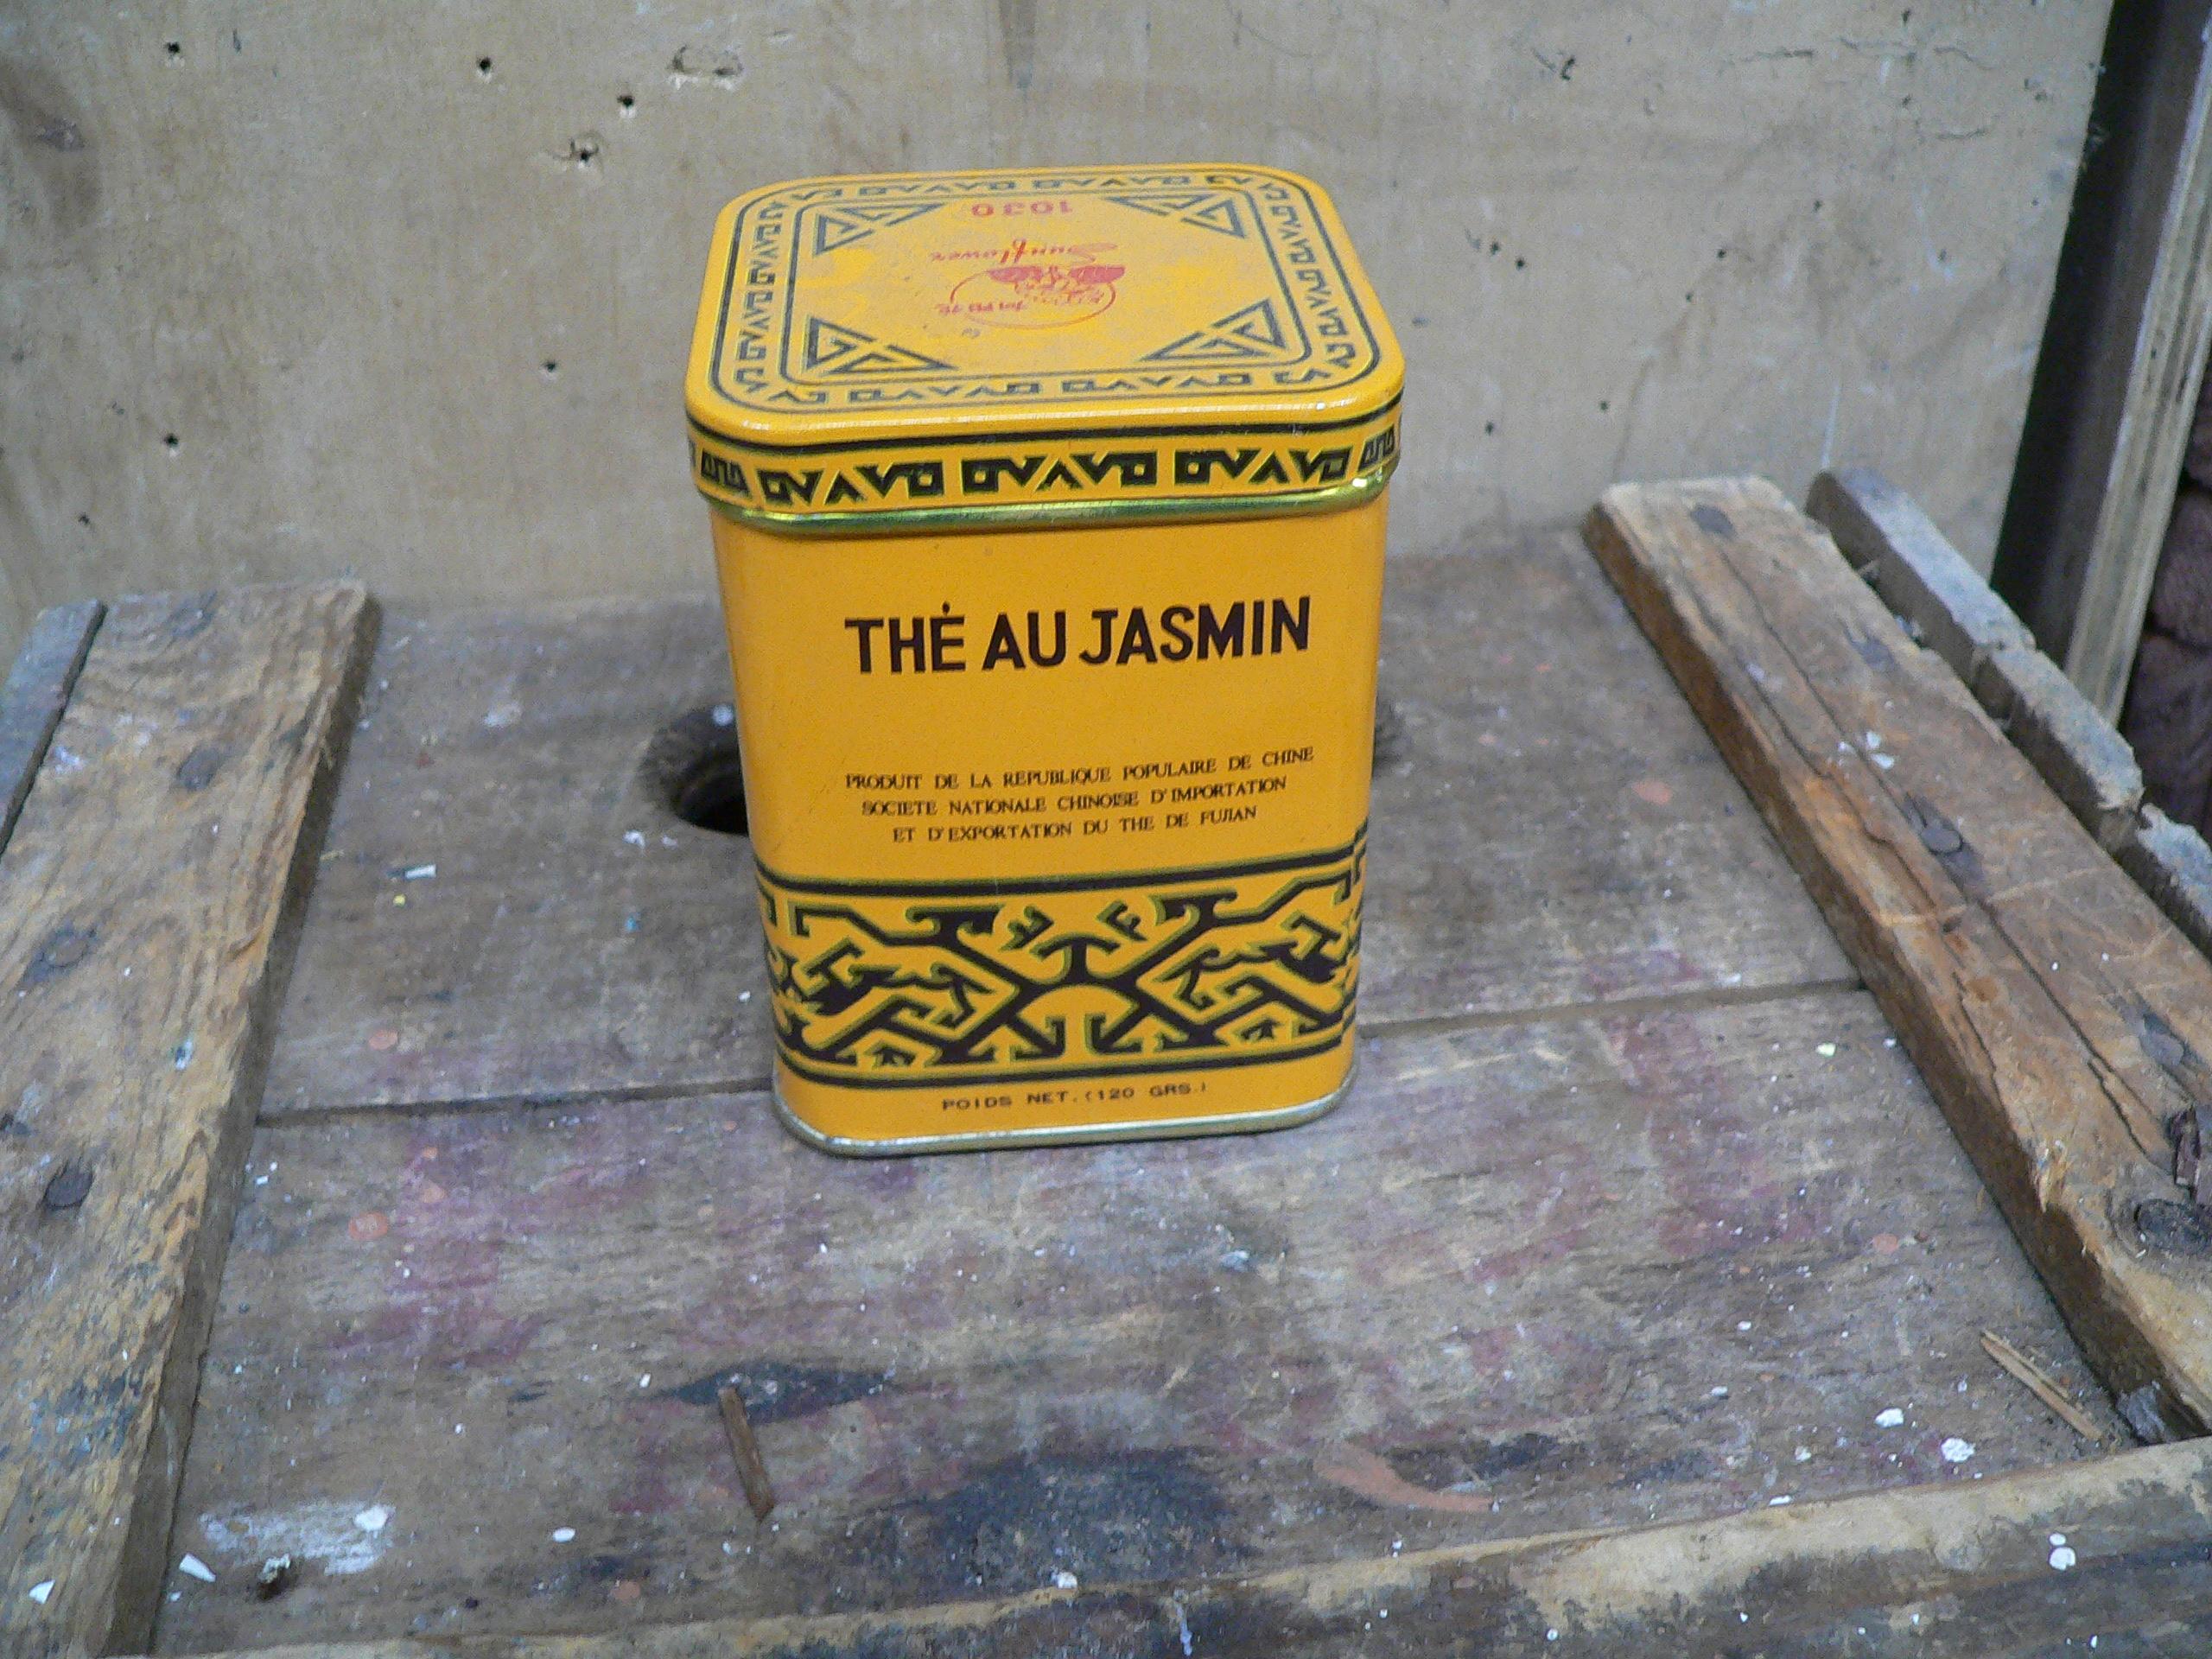 Boite de thé au jasmin # 5921.5